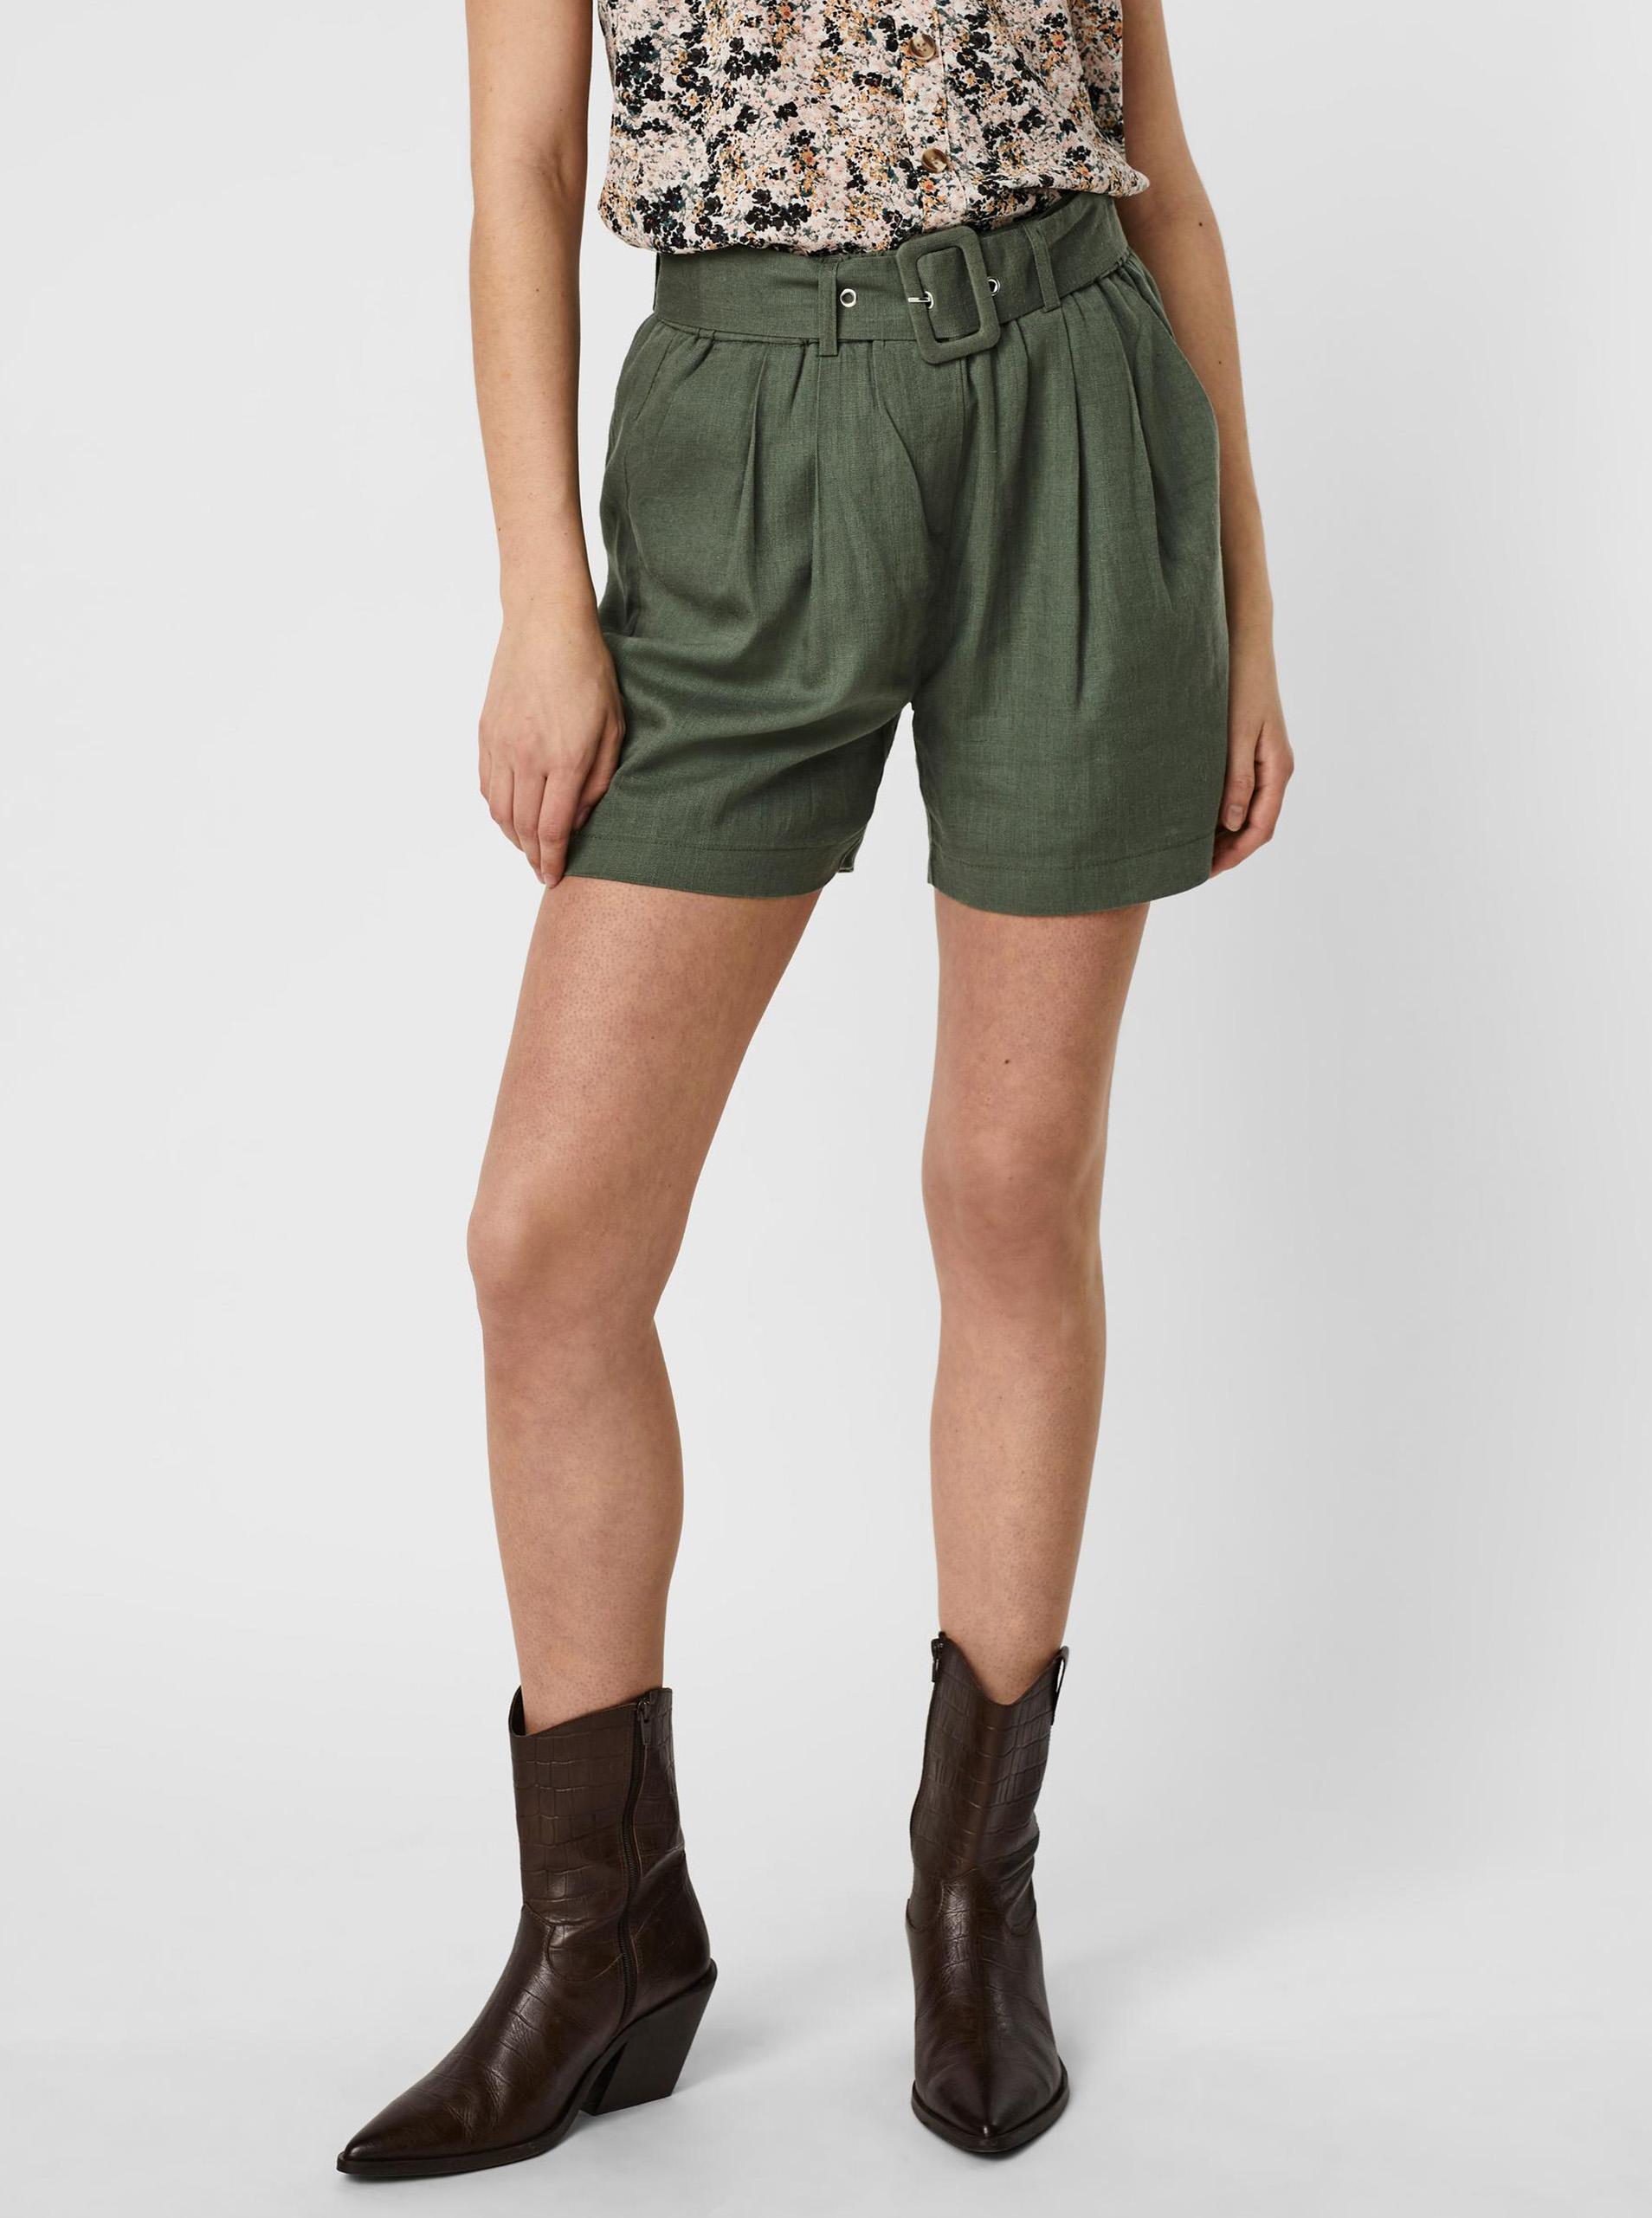 Vero Moda zelené kraťasy Amelia s opaskom - L